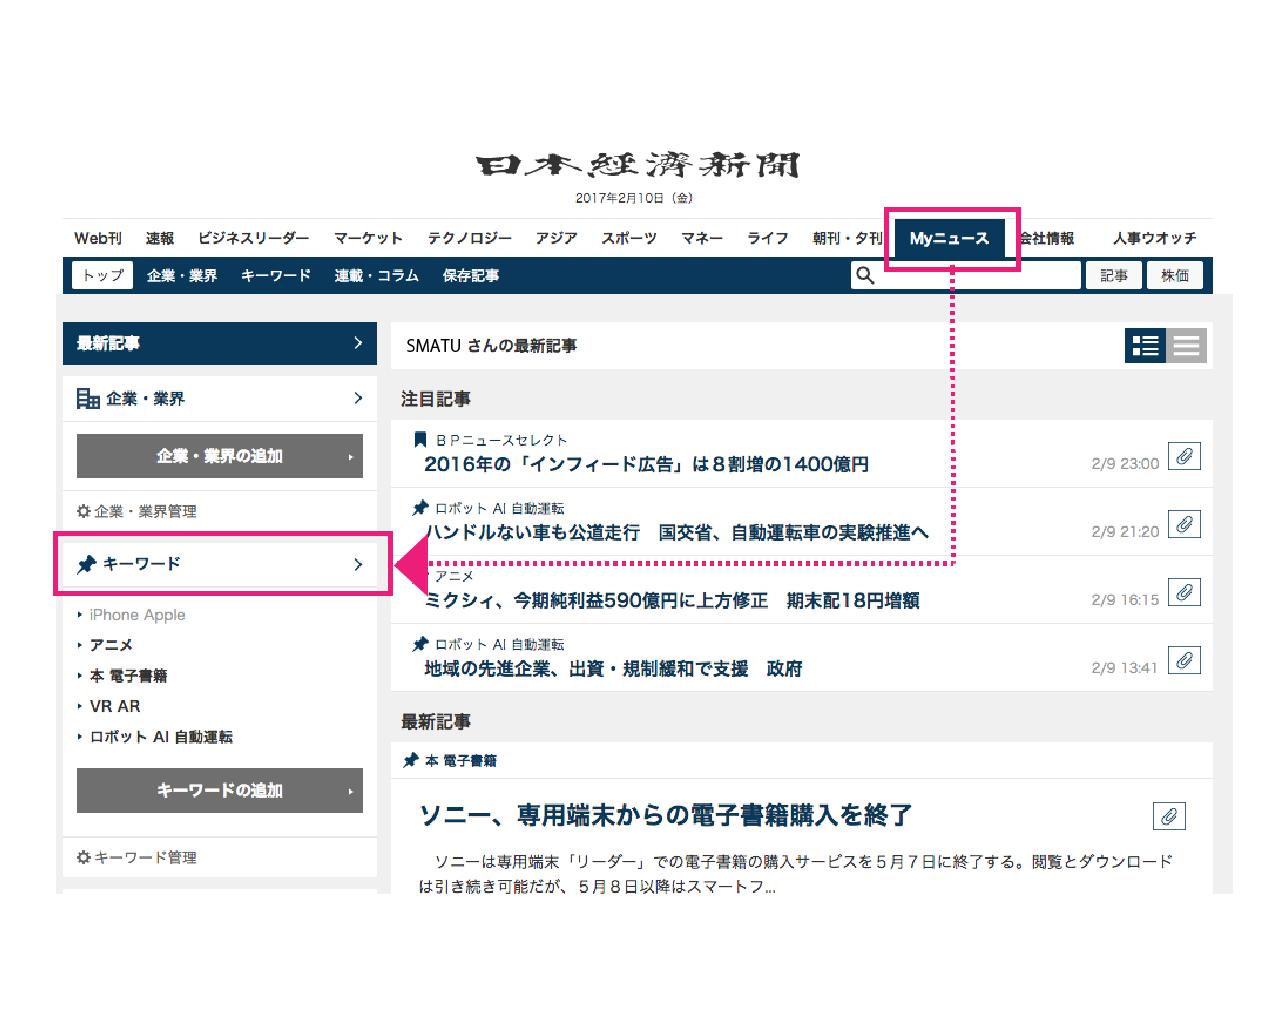 nikkei-news-digital-app-keyword-setting-iphone-ipad-3